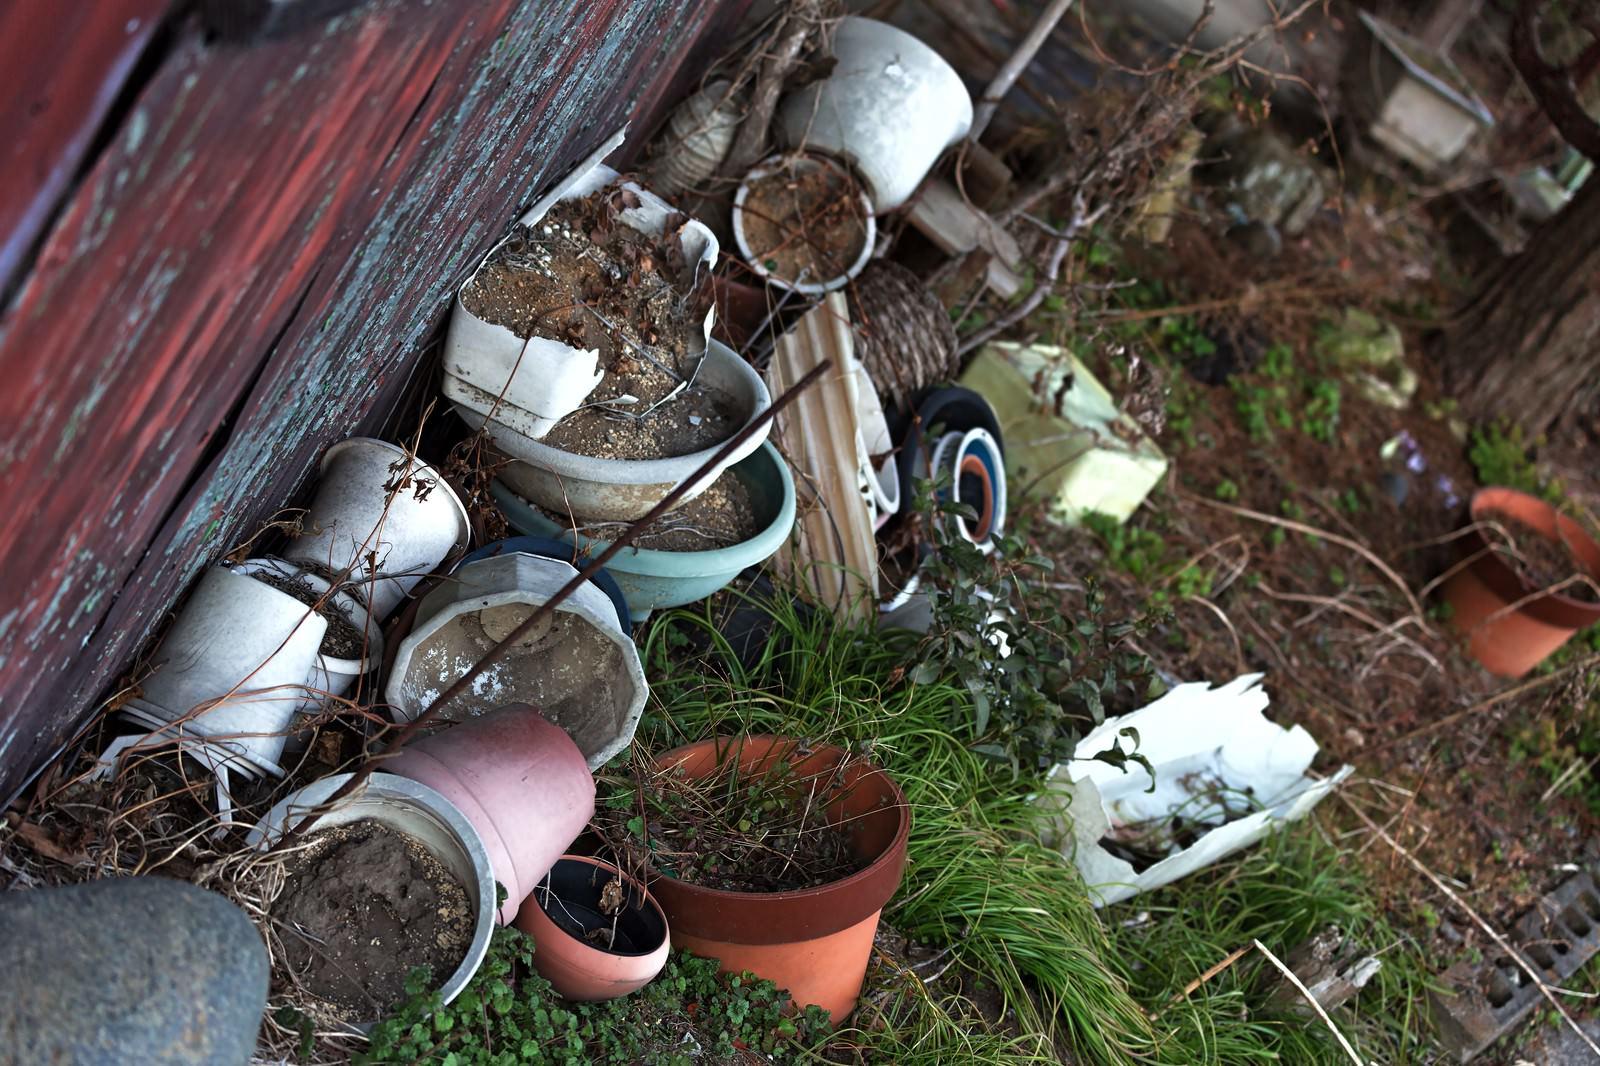 「割れた庭先の花瓶」の写真